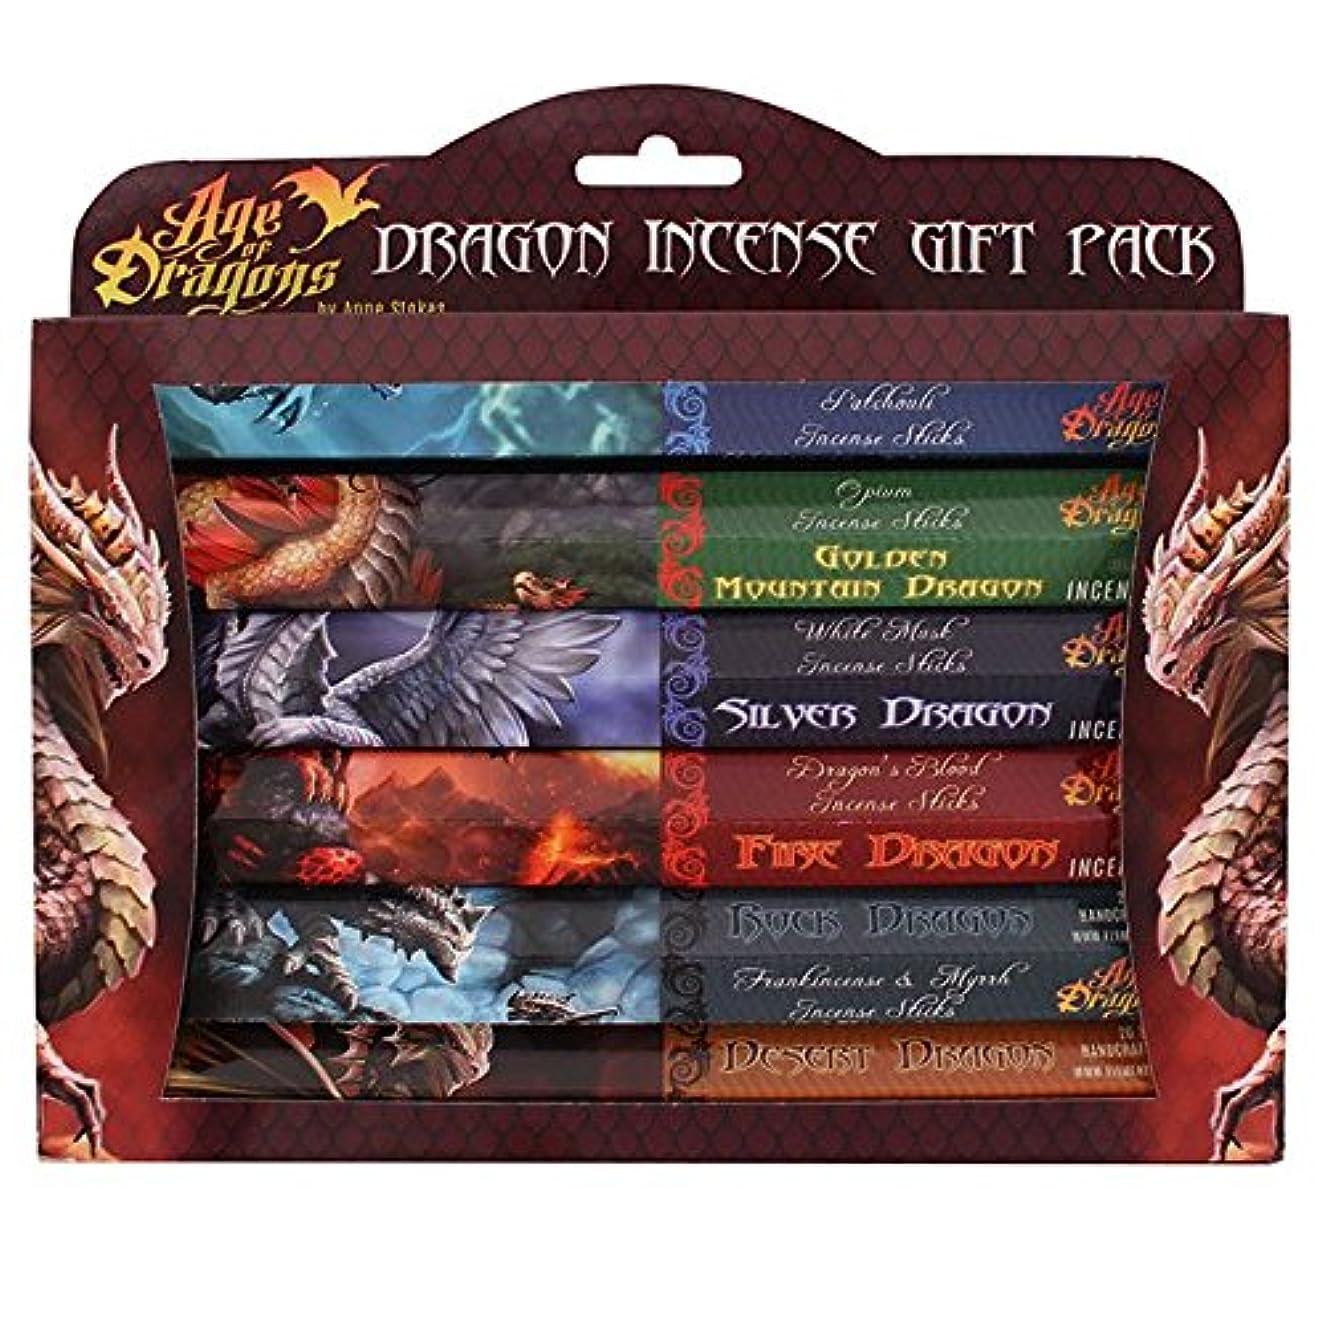 クランシー差し迫った送金Pack Of 6 Age Of Dragons Incense Gift Pack